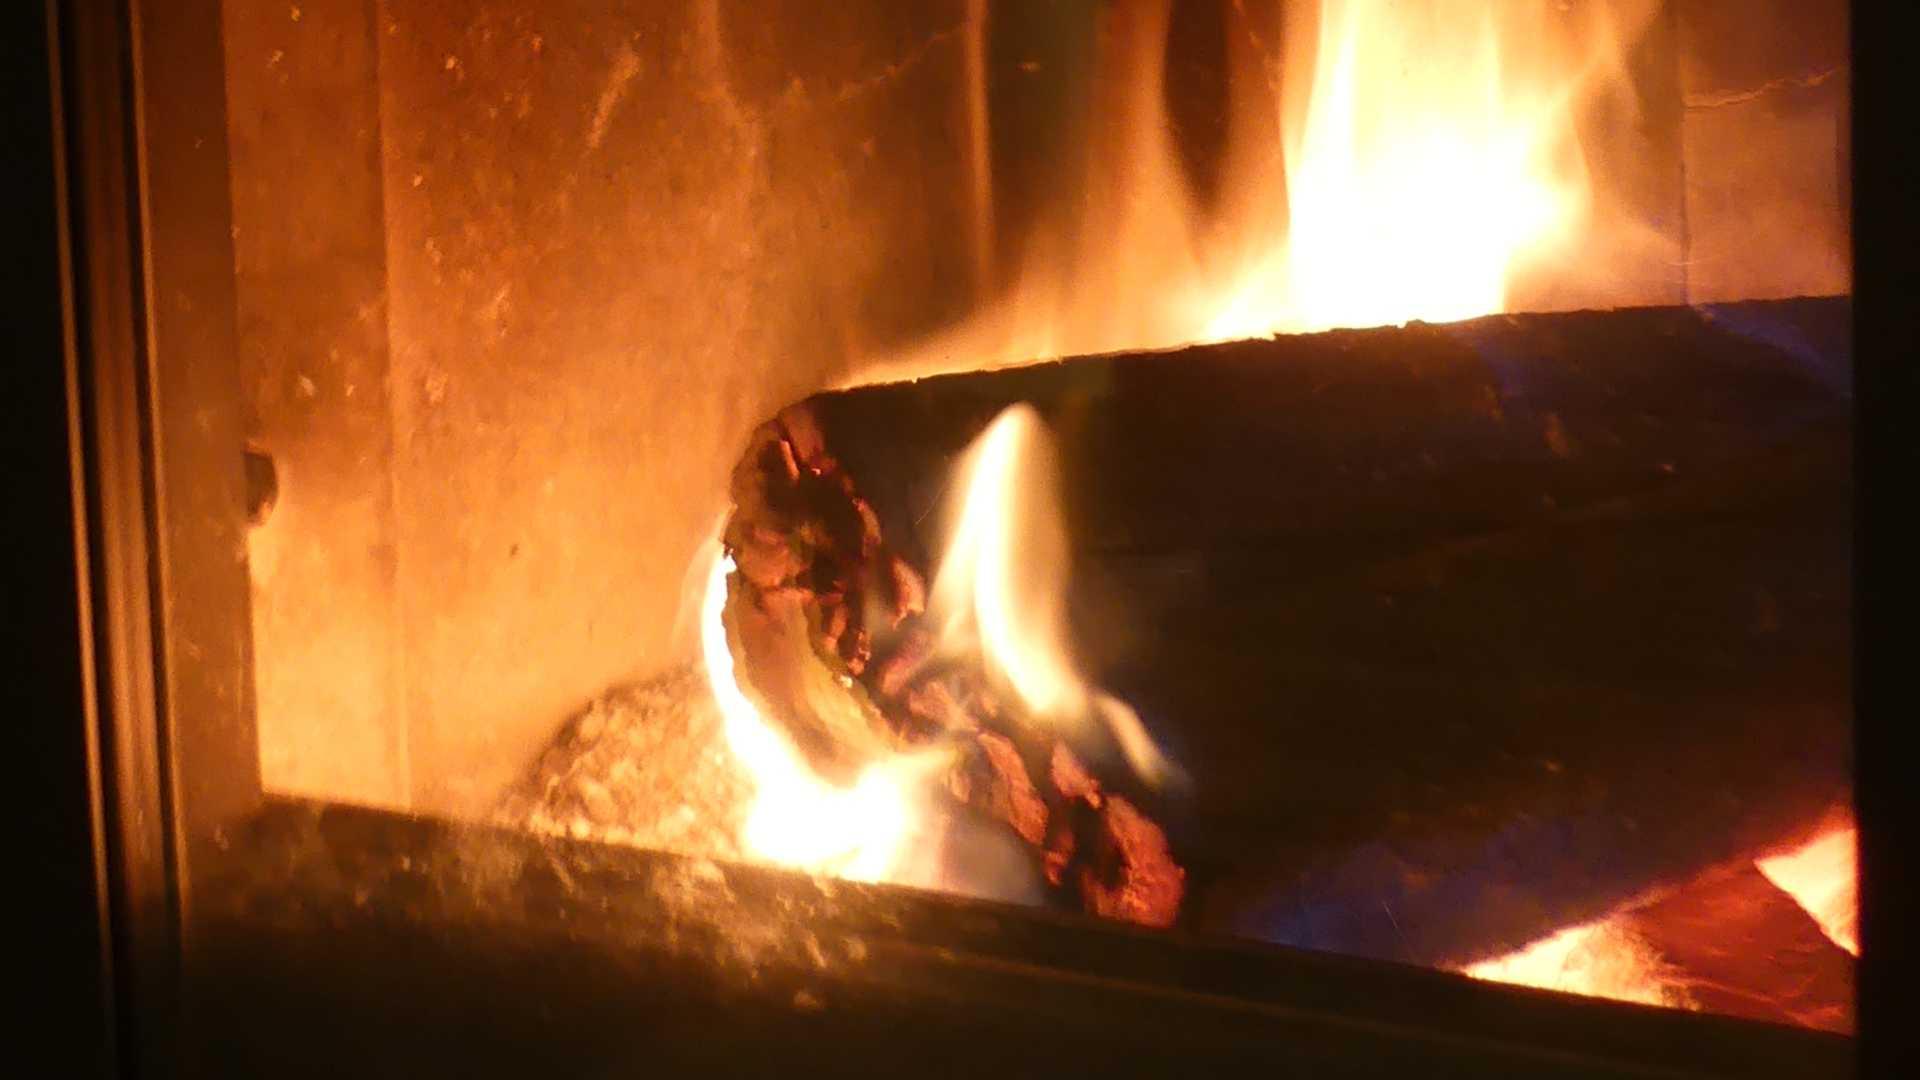 Brandend hout